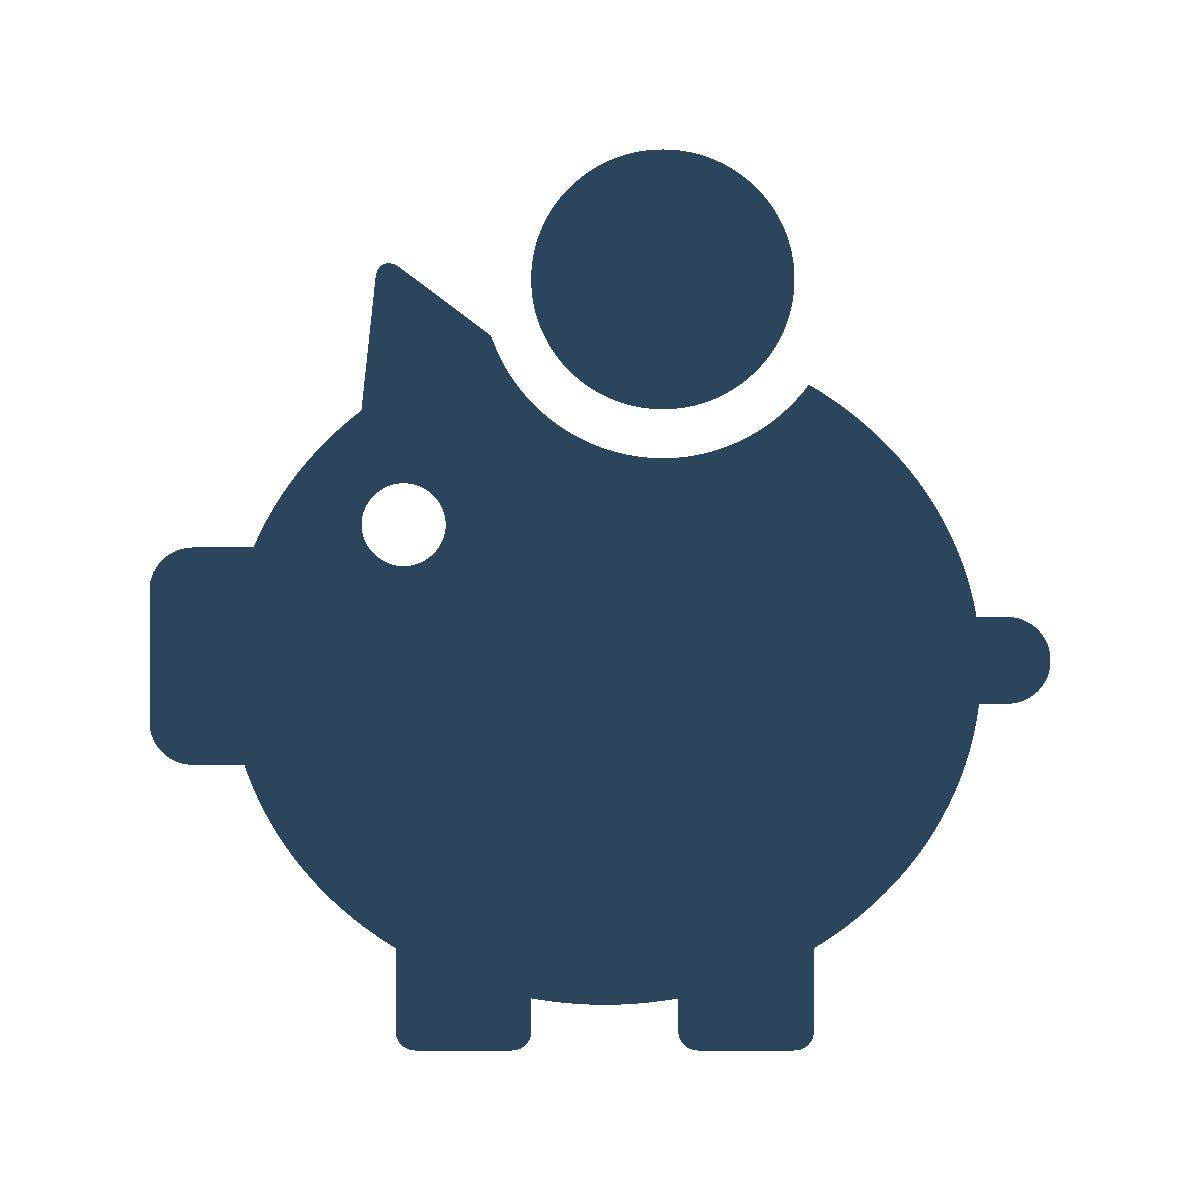 Cartoon of piggy bank